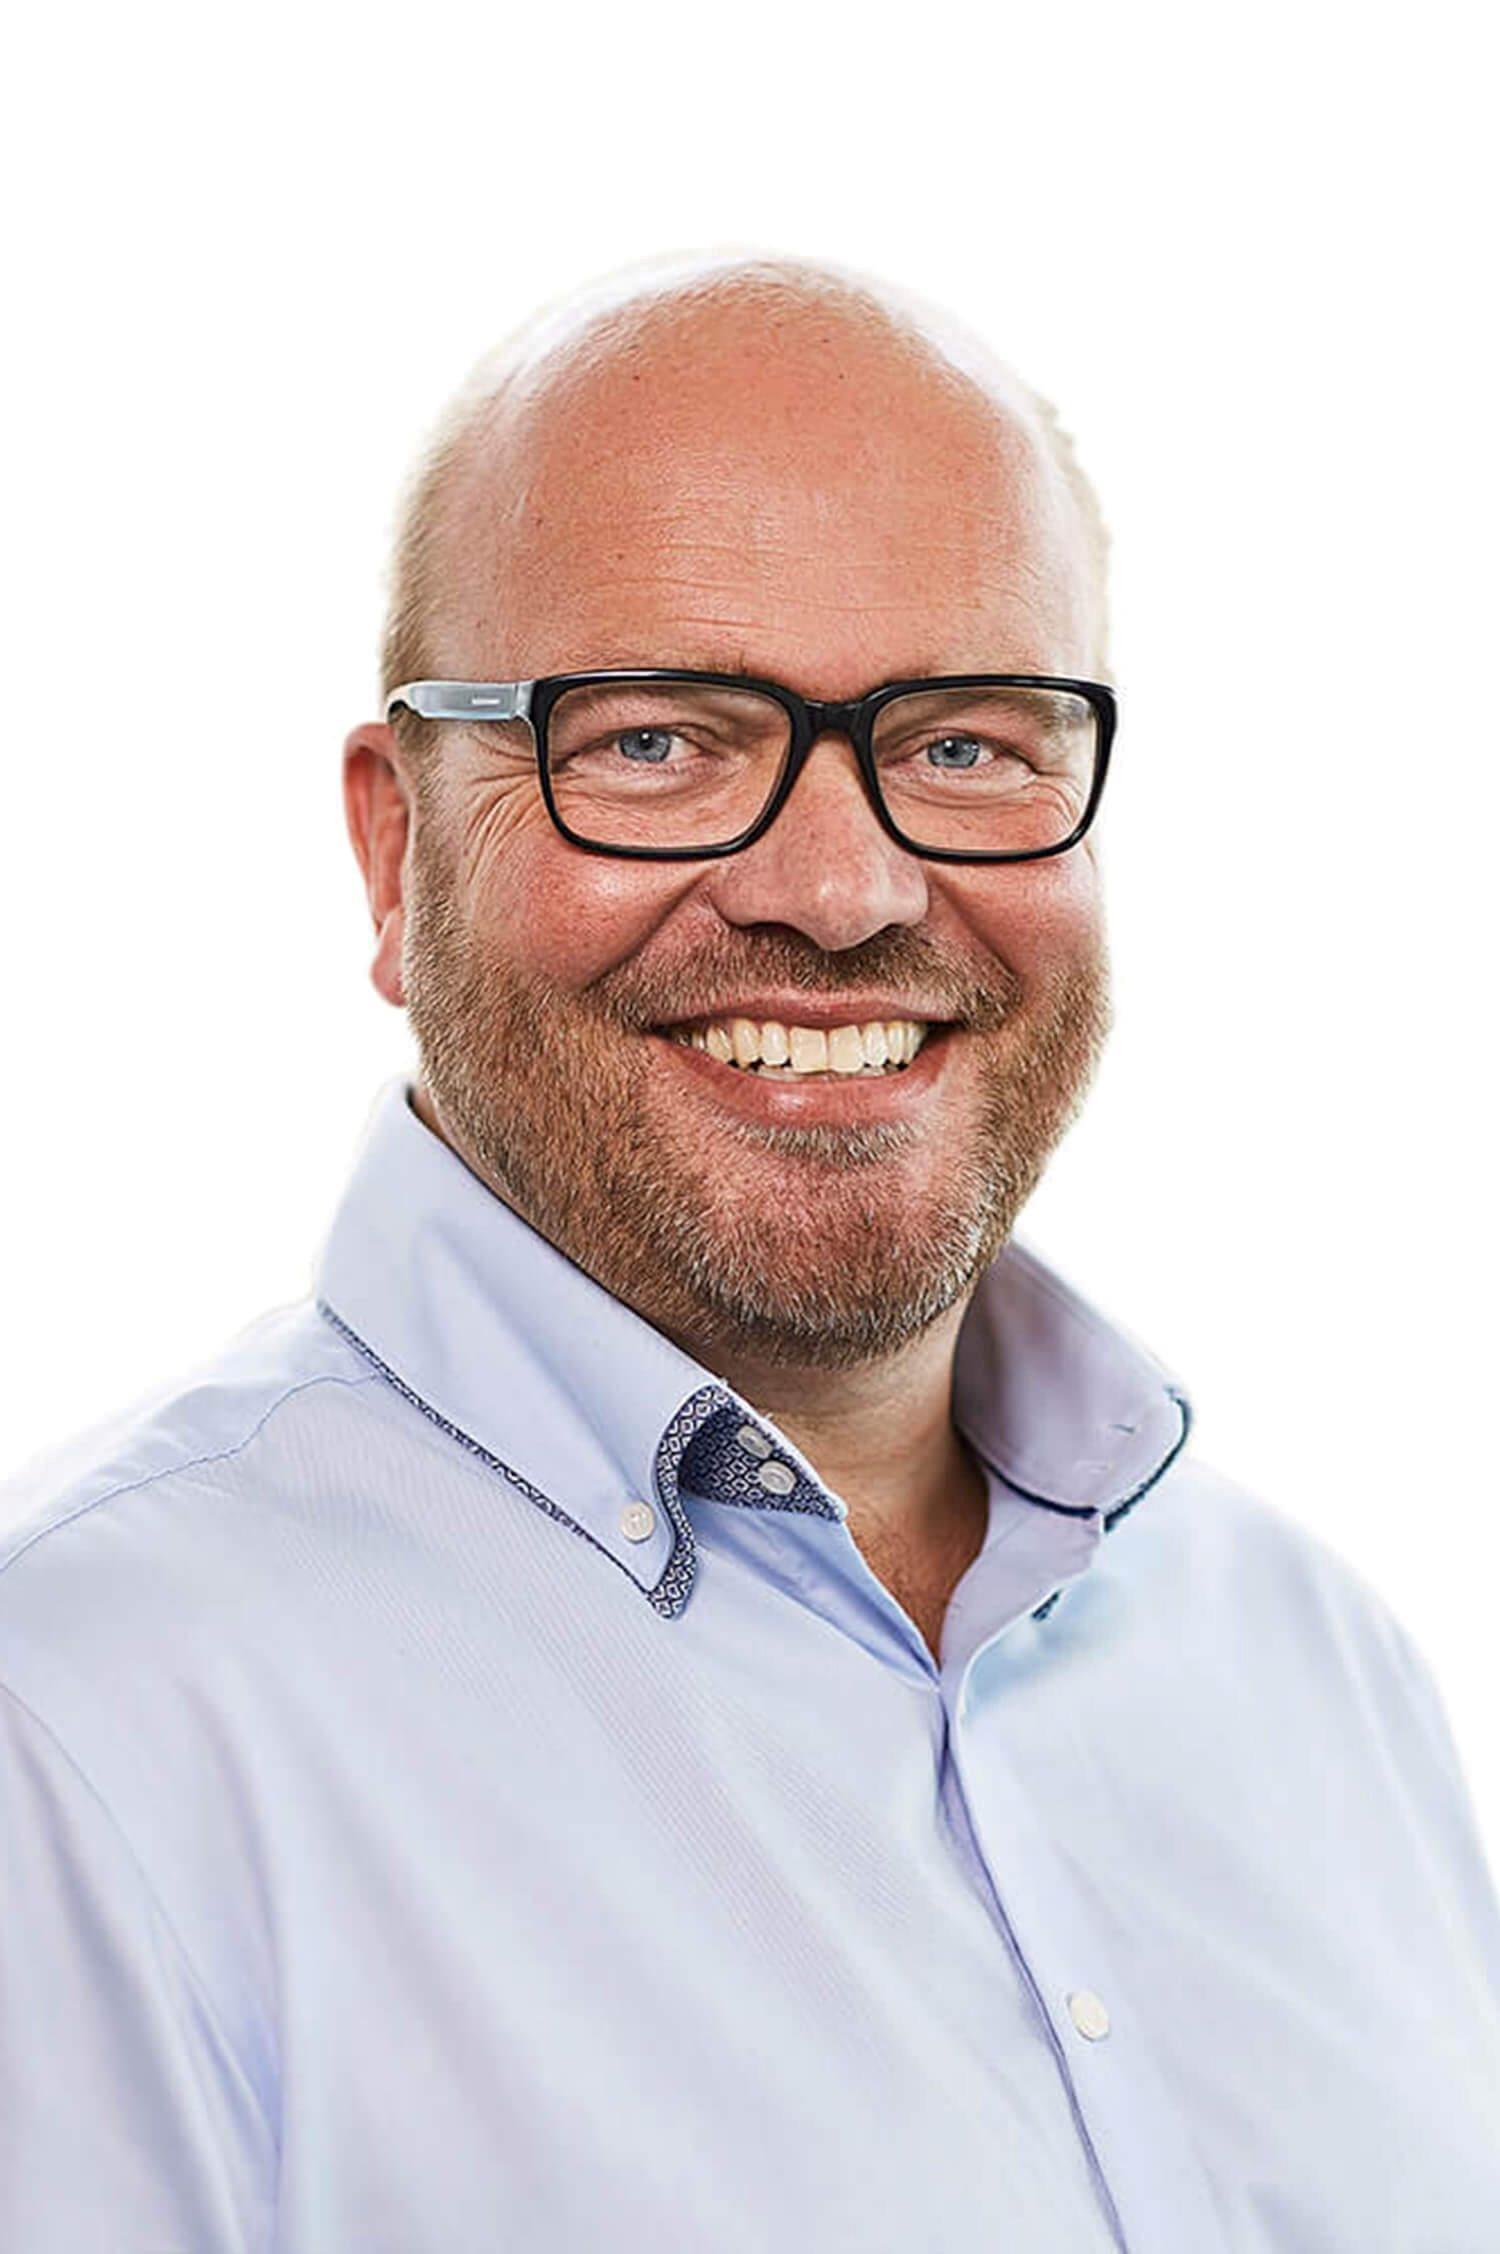 Finn Damkjær Pedersen